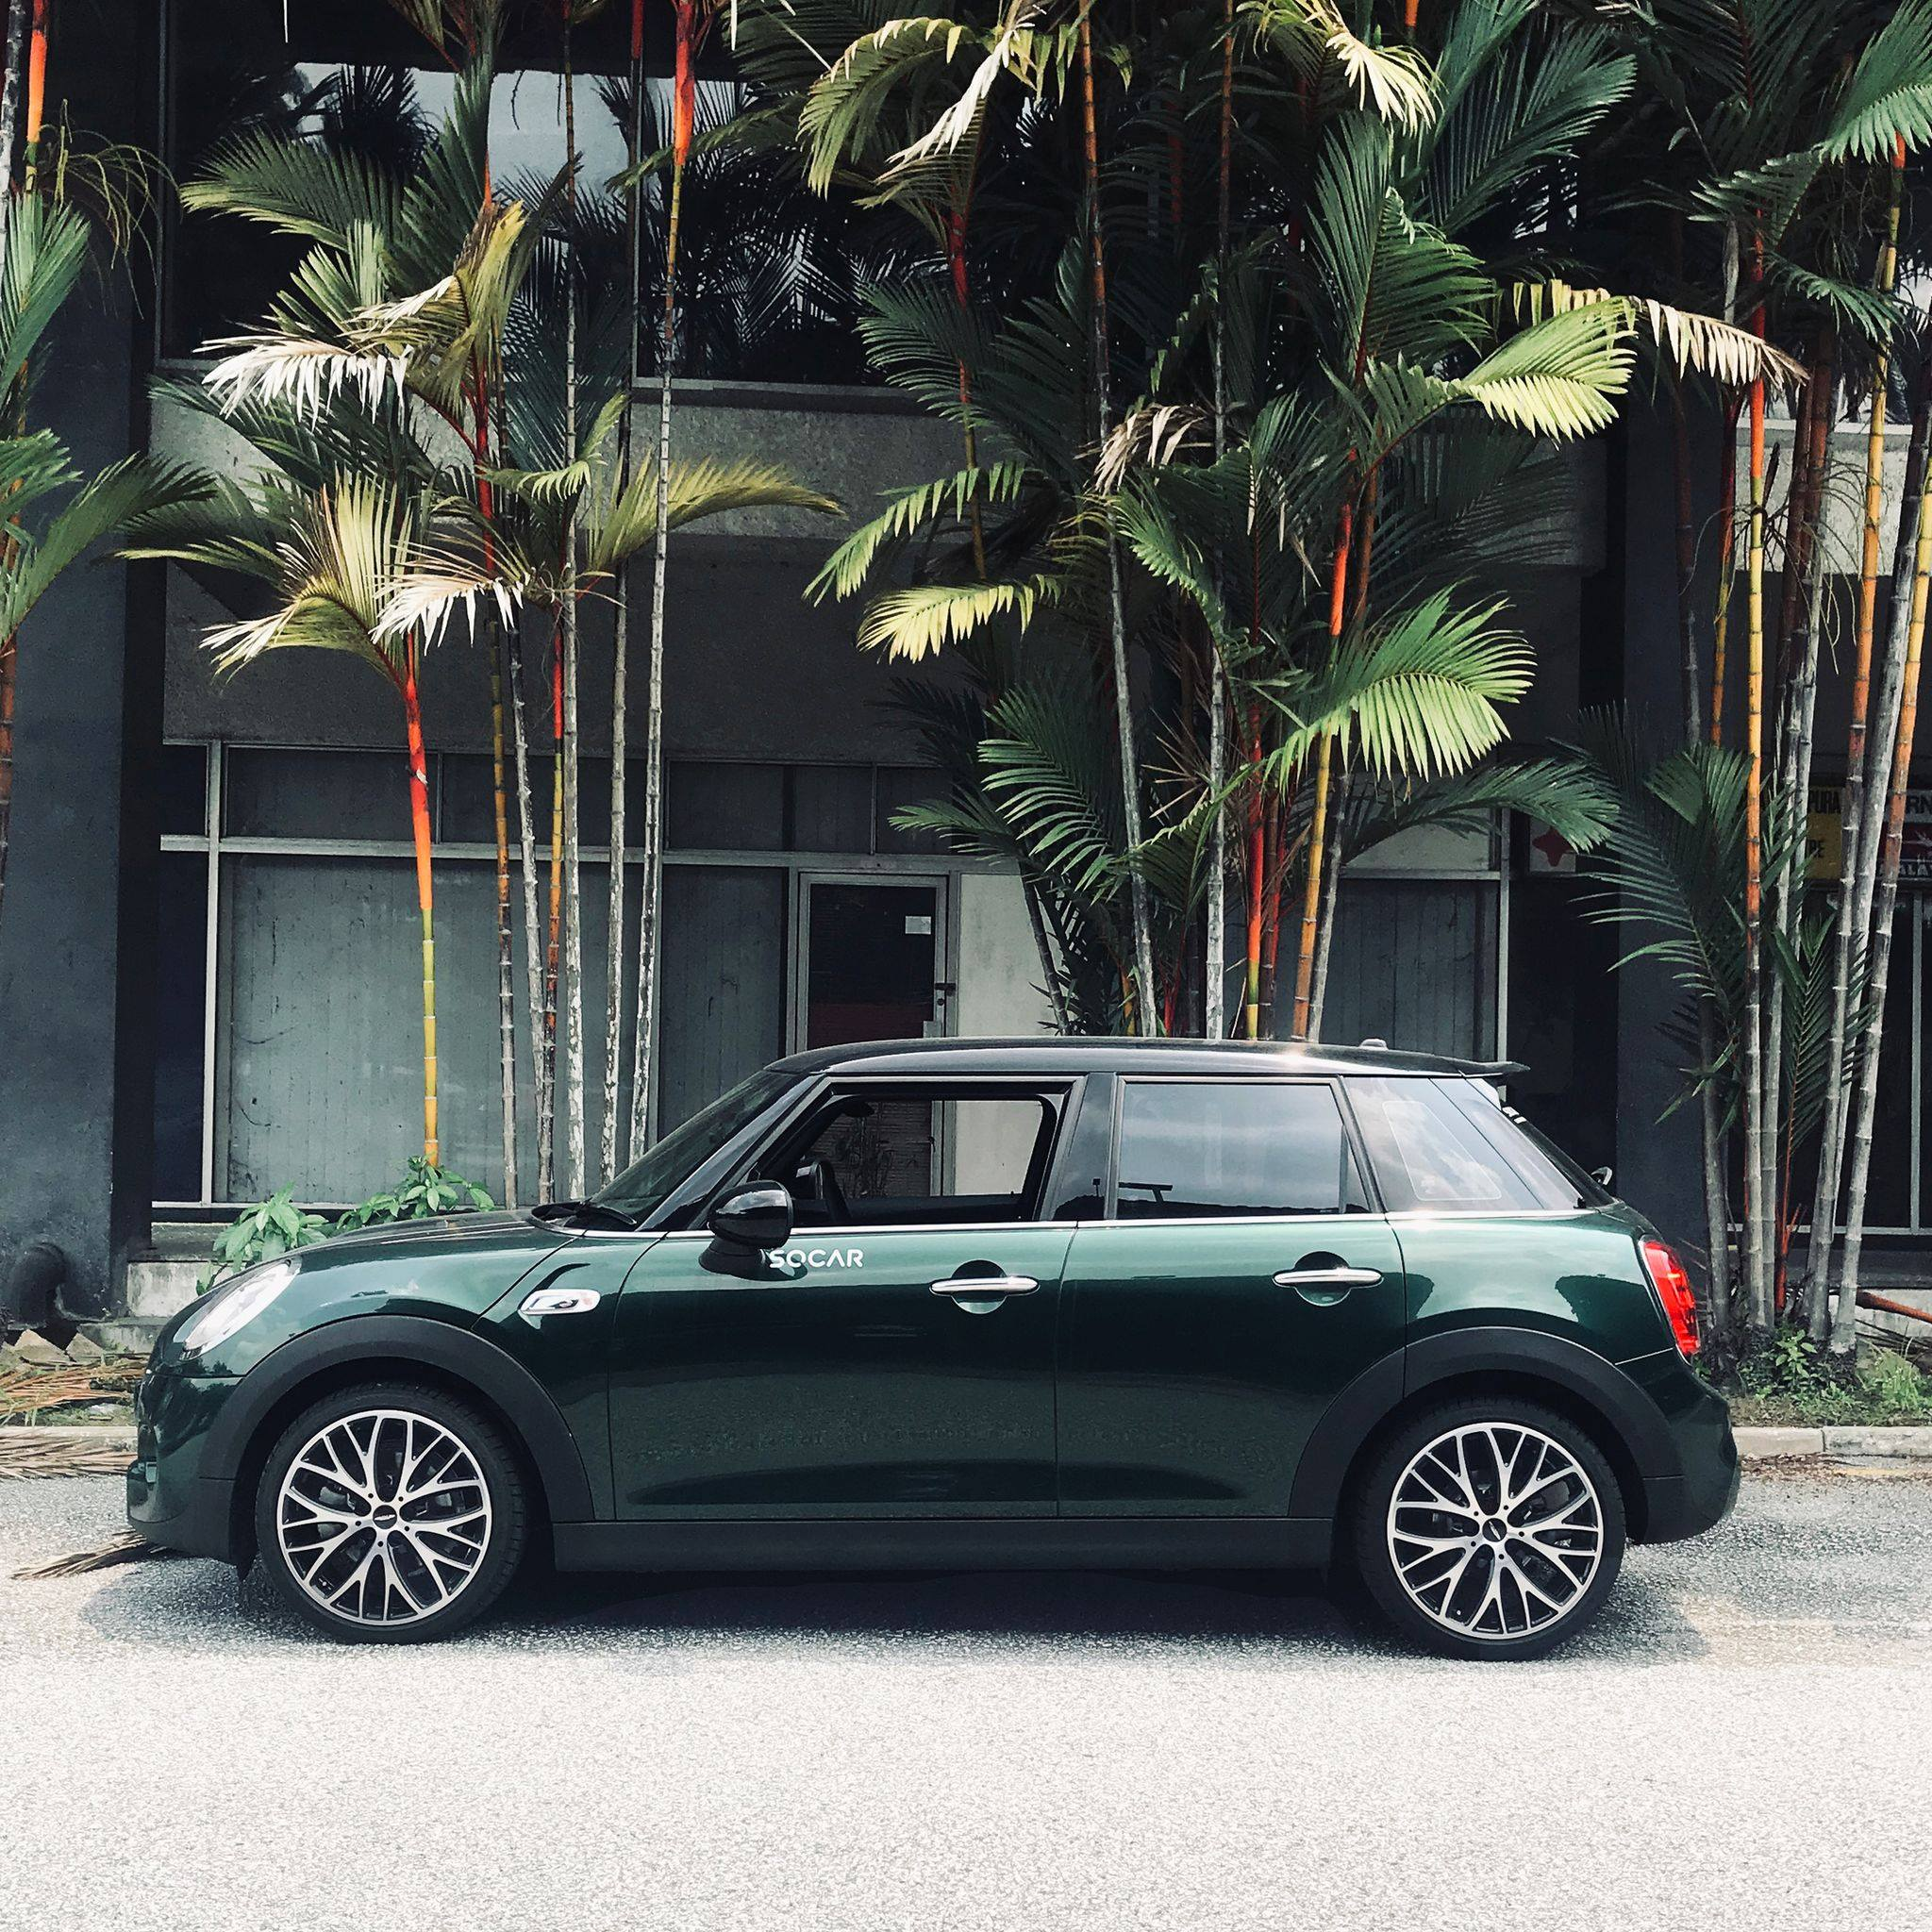 SOCAR car-sharing